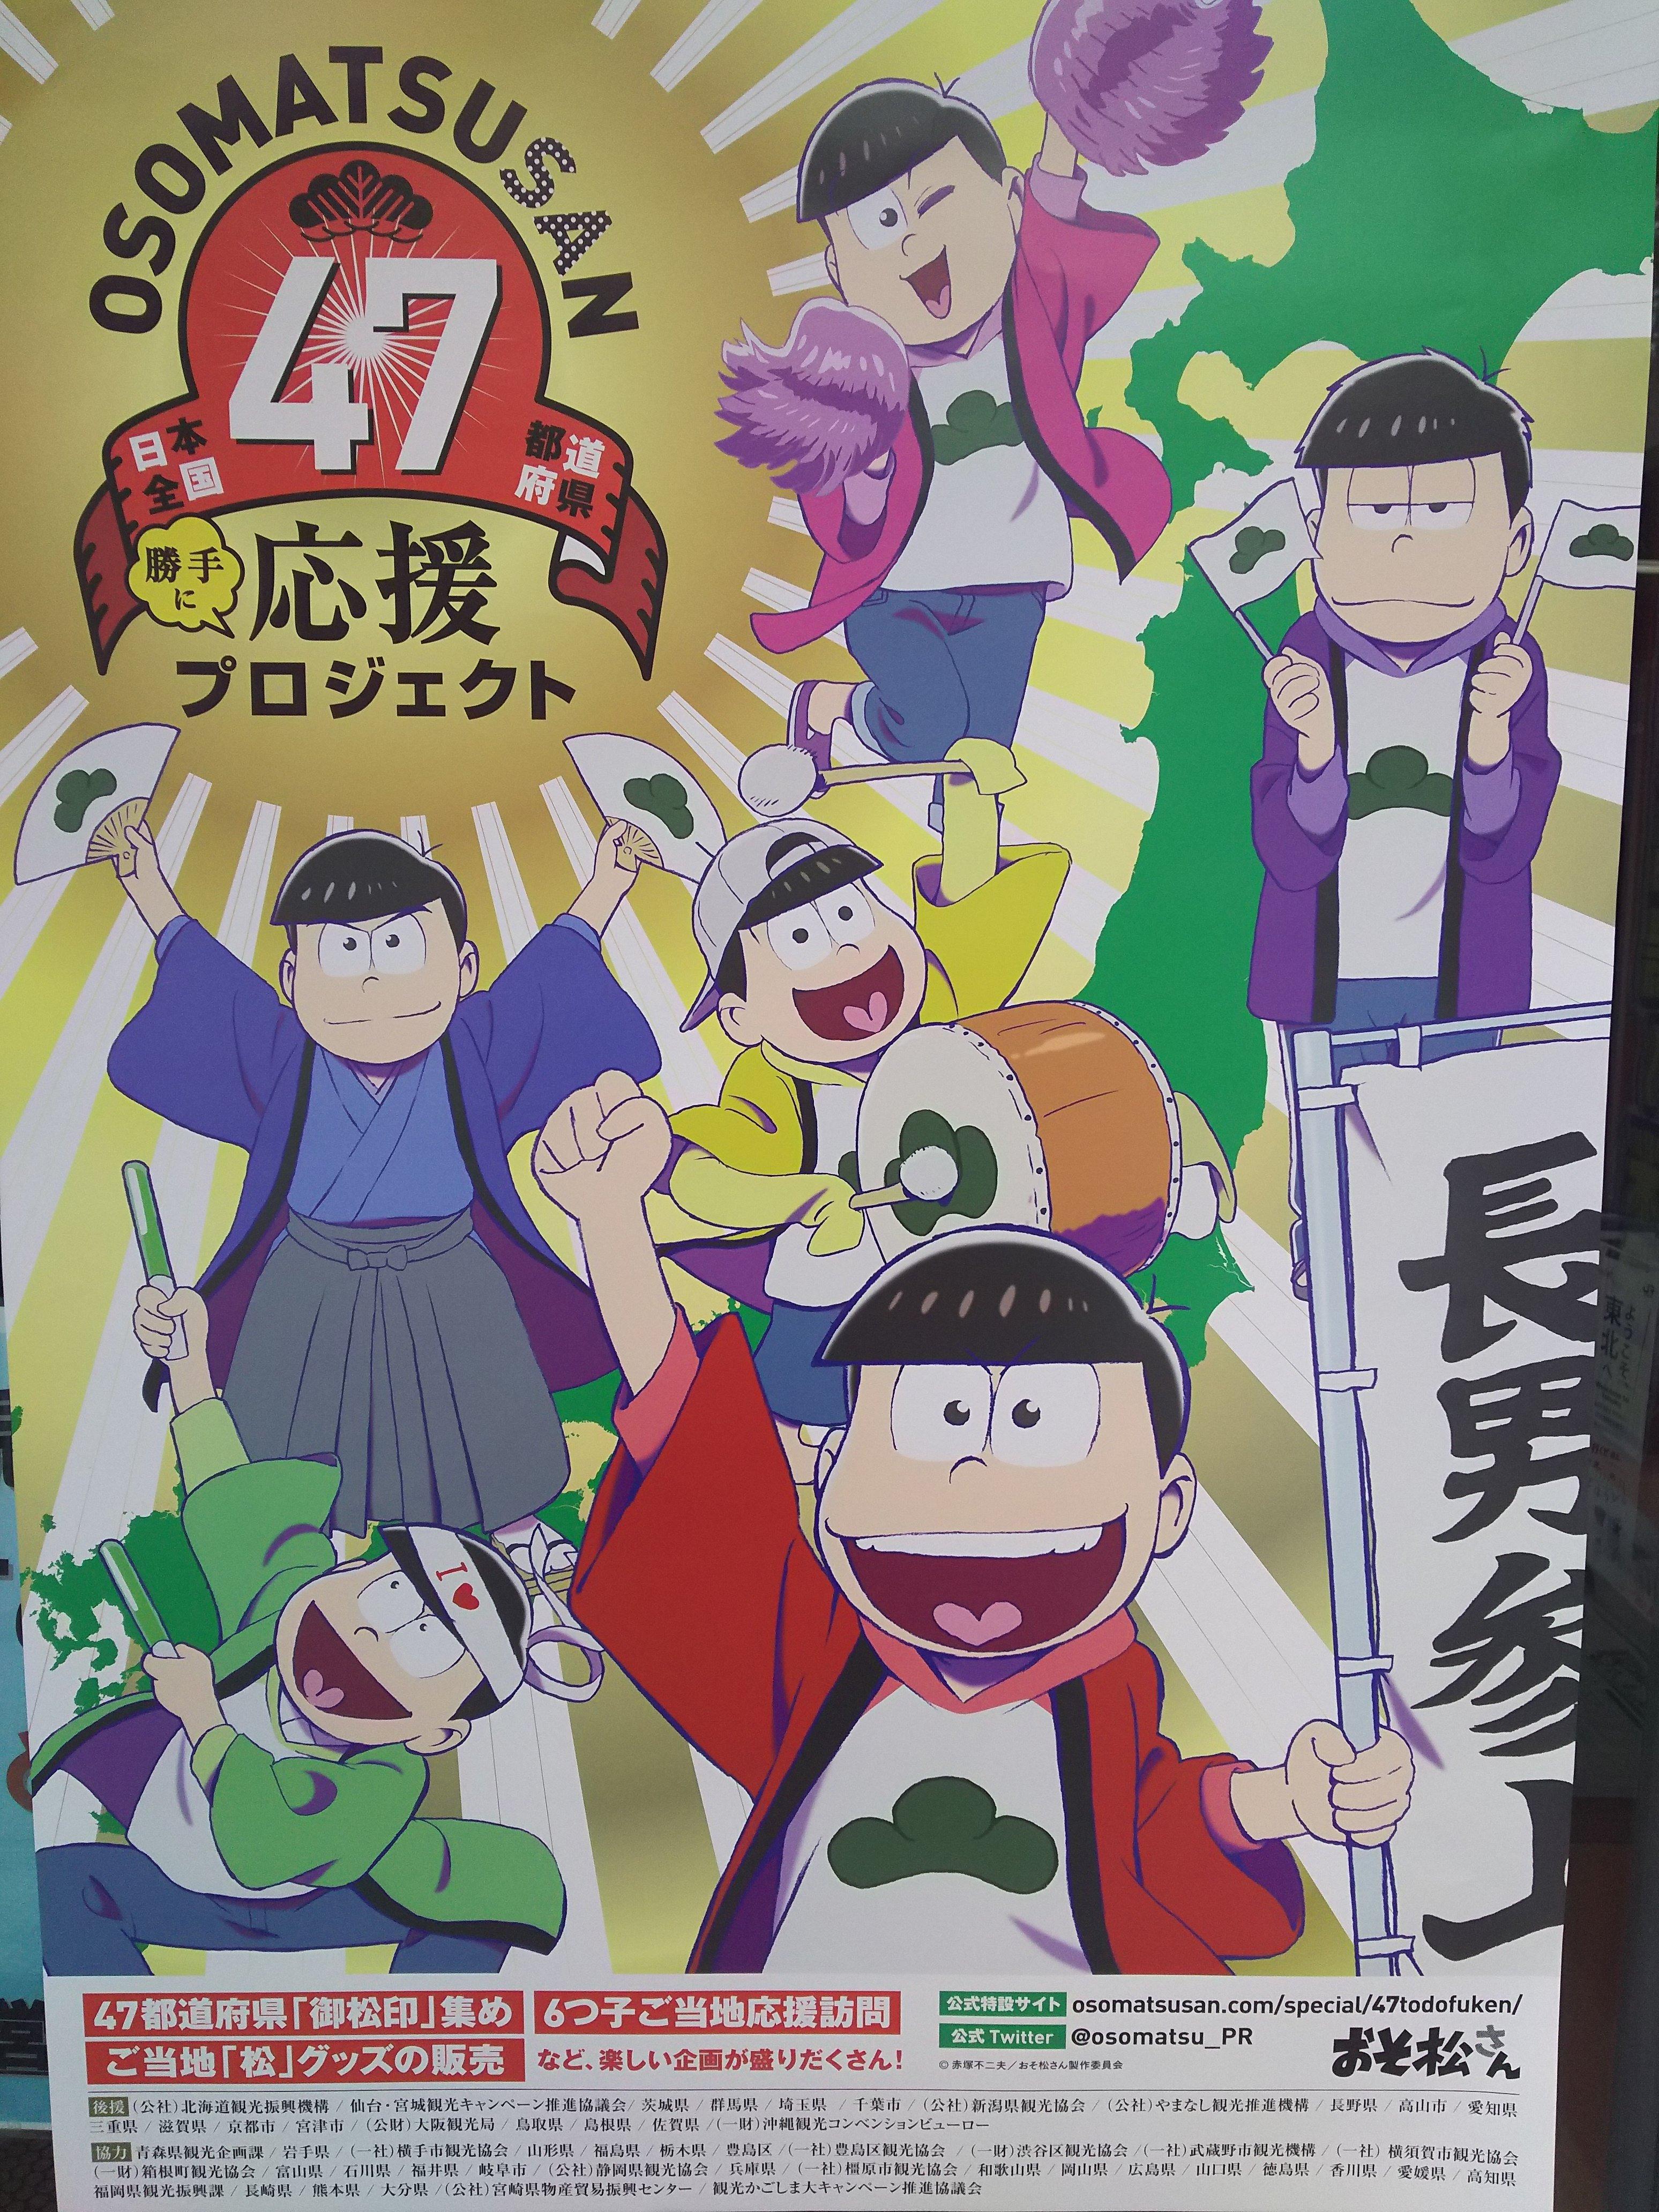 おそ松さん47都道府県(勝手に)応援プロジェクト ステッカー配付!:画像